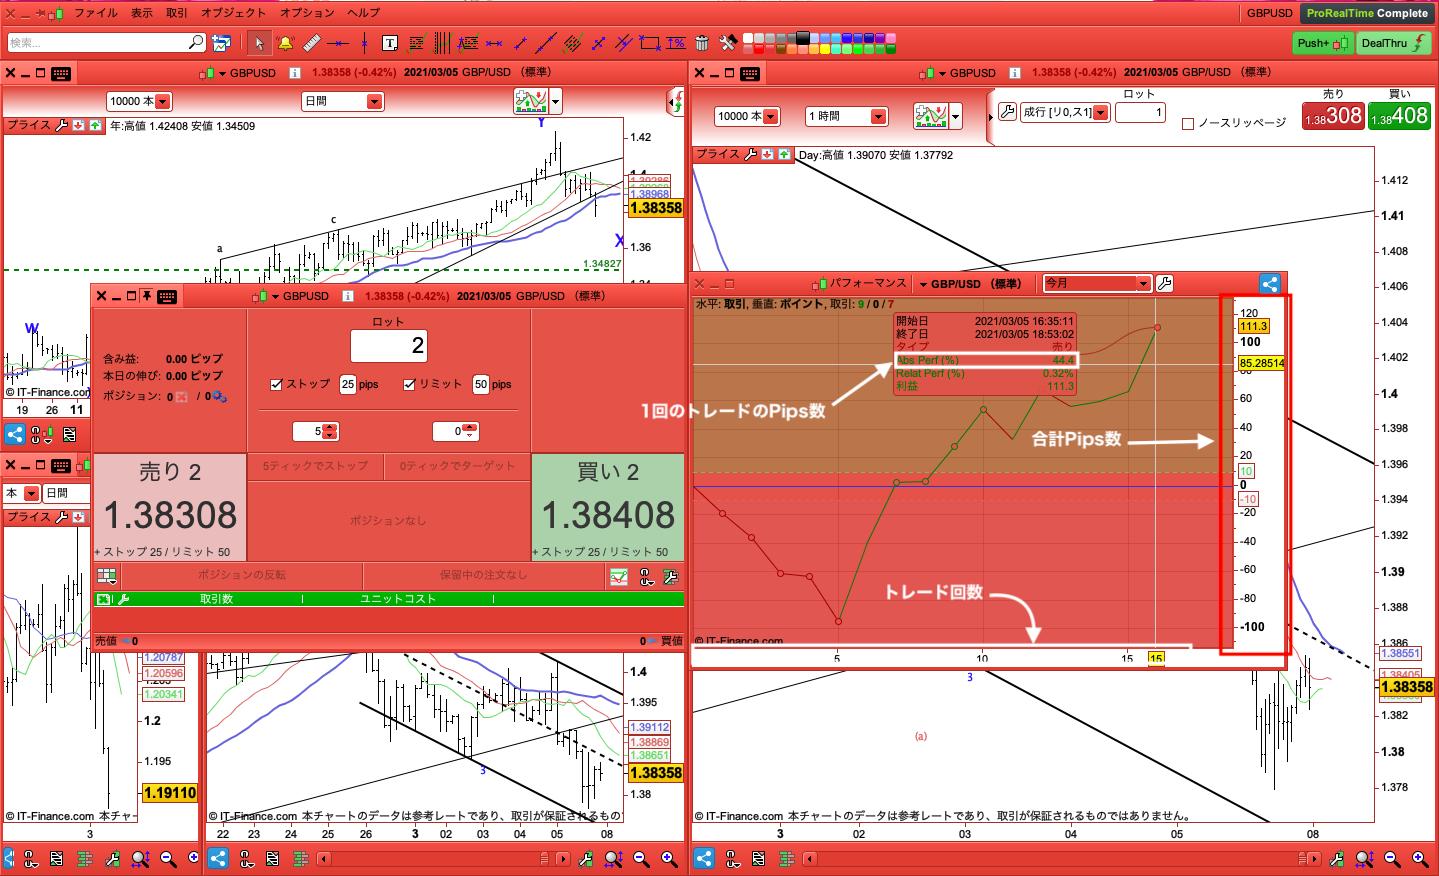 IG証券 ProRealTime チャート トレードパフォーマンス